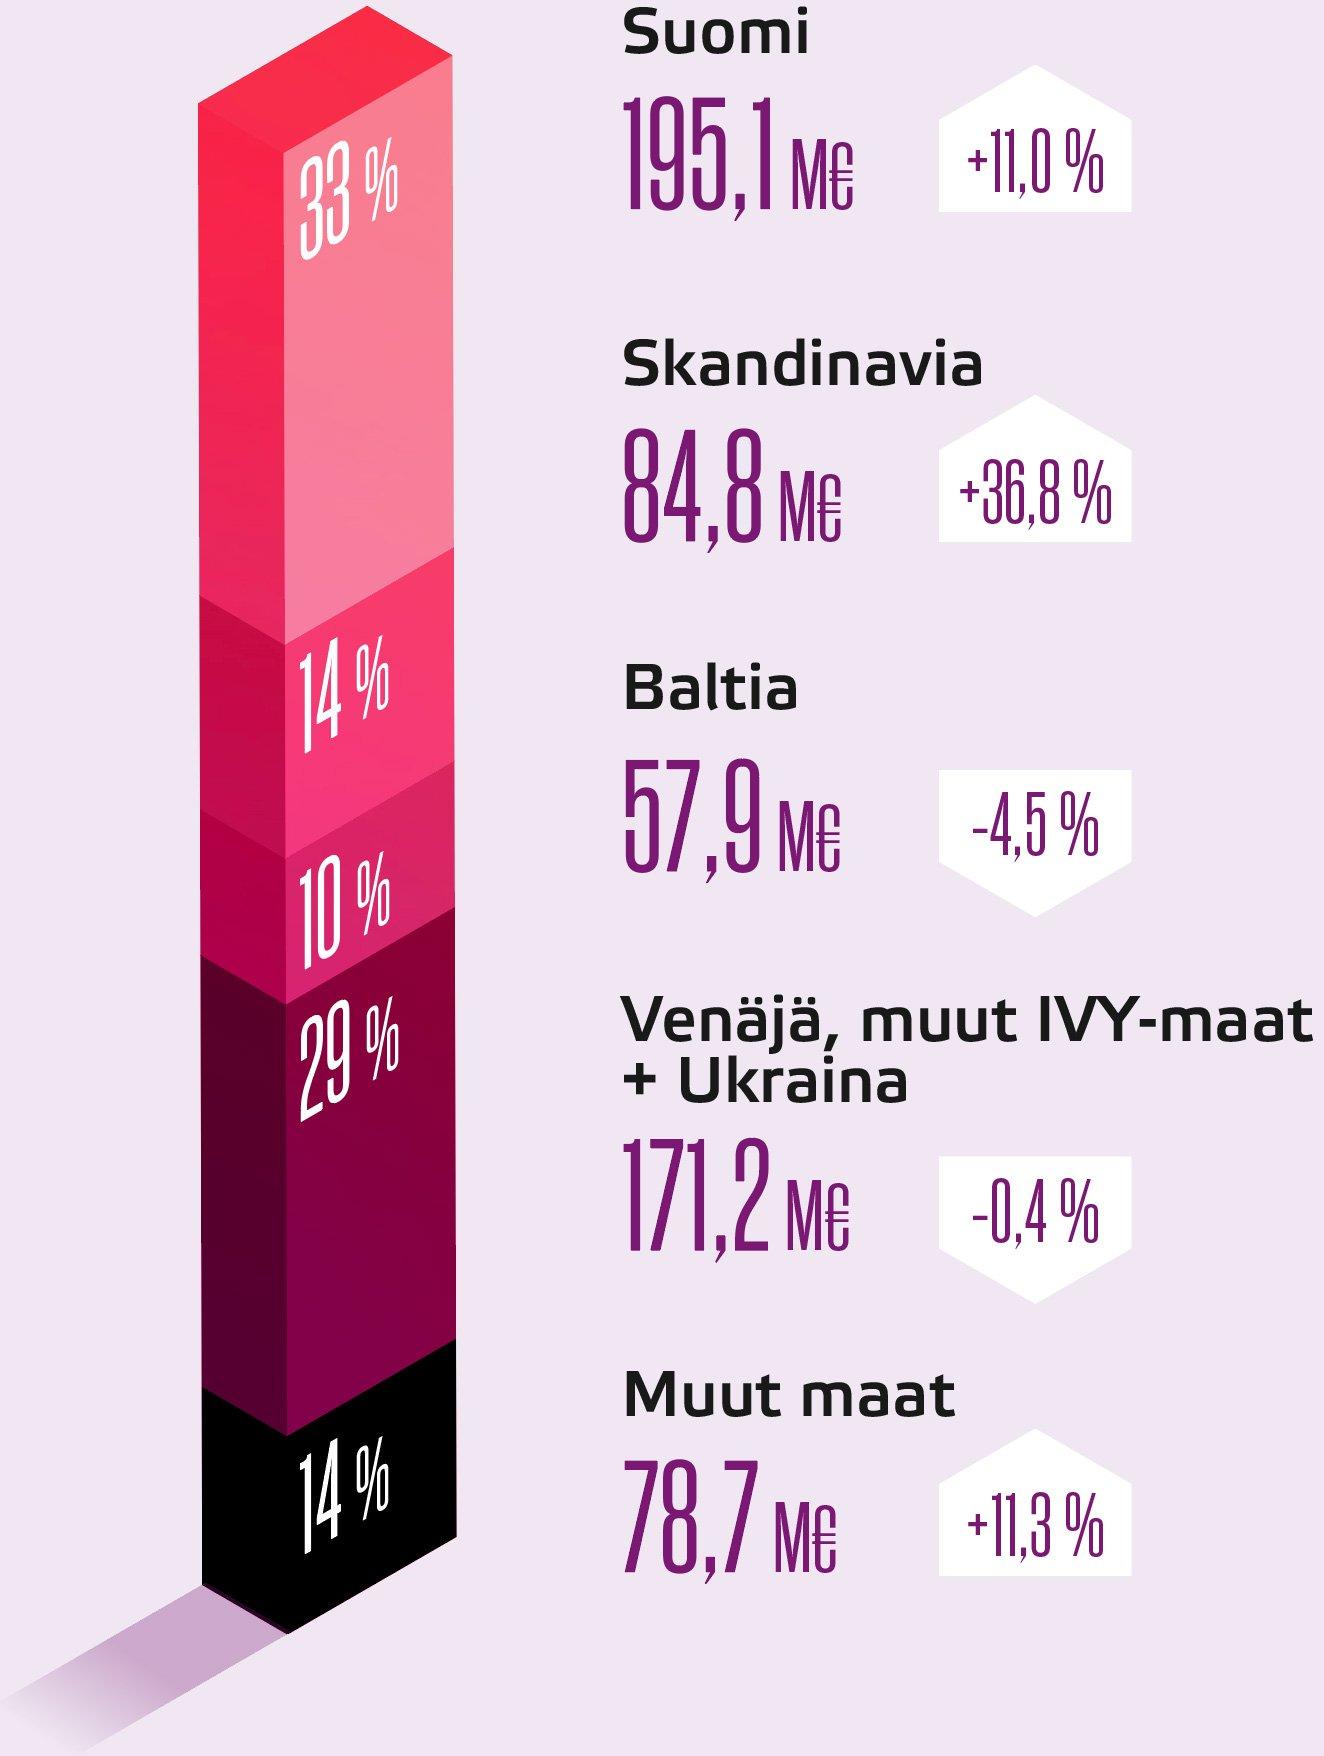 Liikevaihto markkina-alueittain | Suomi 195,1M€ | Skandinavia 84,8M€ | Baltia 57,9M€ | Venäjä, muut IVY-maat + Ukraina 171,2M€ | Muut maat 78,7M€